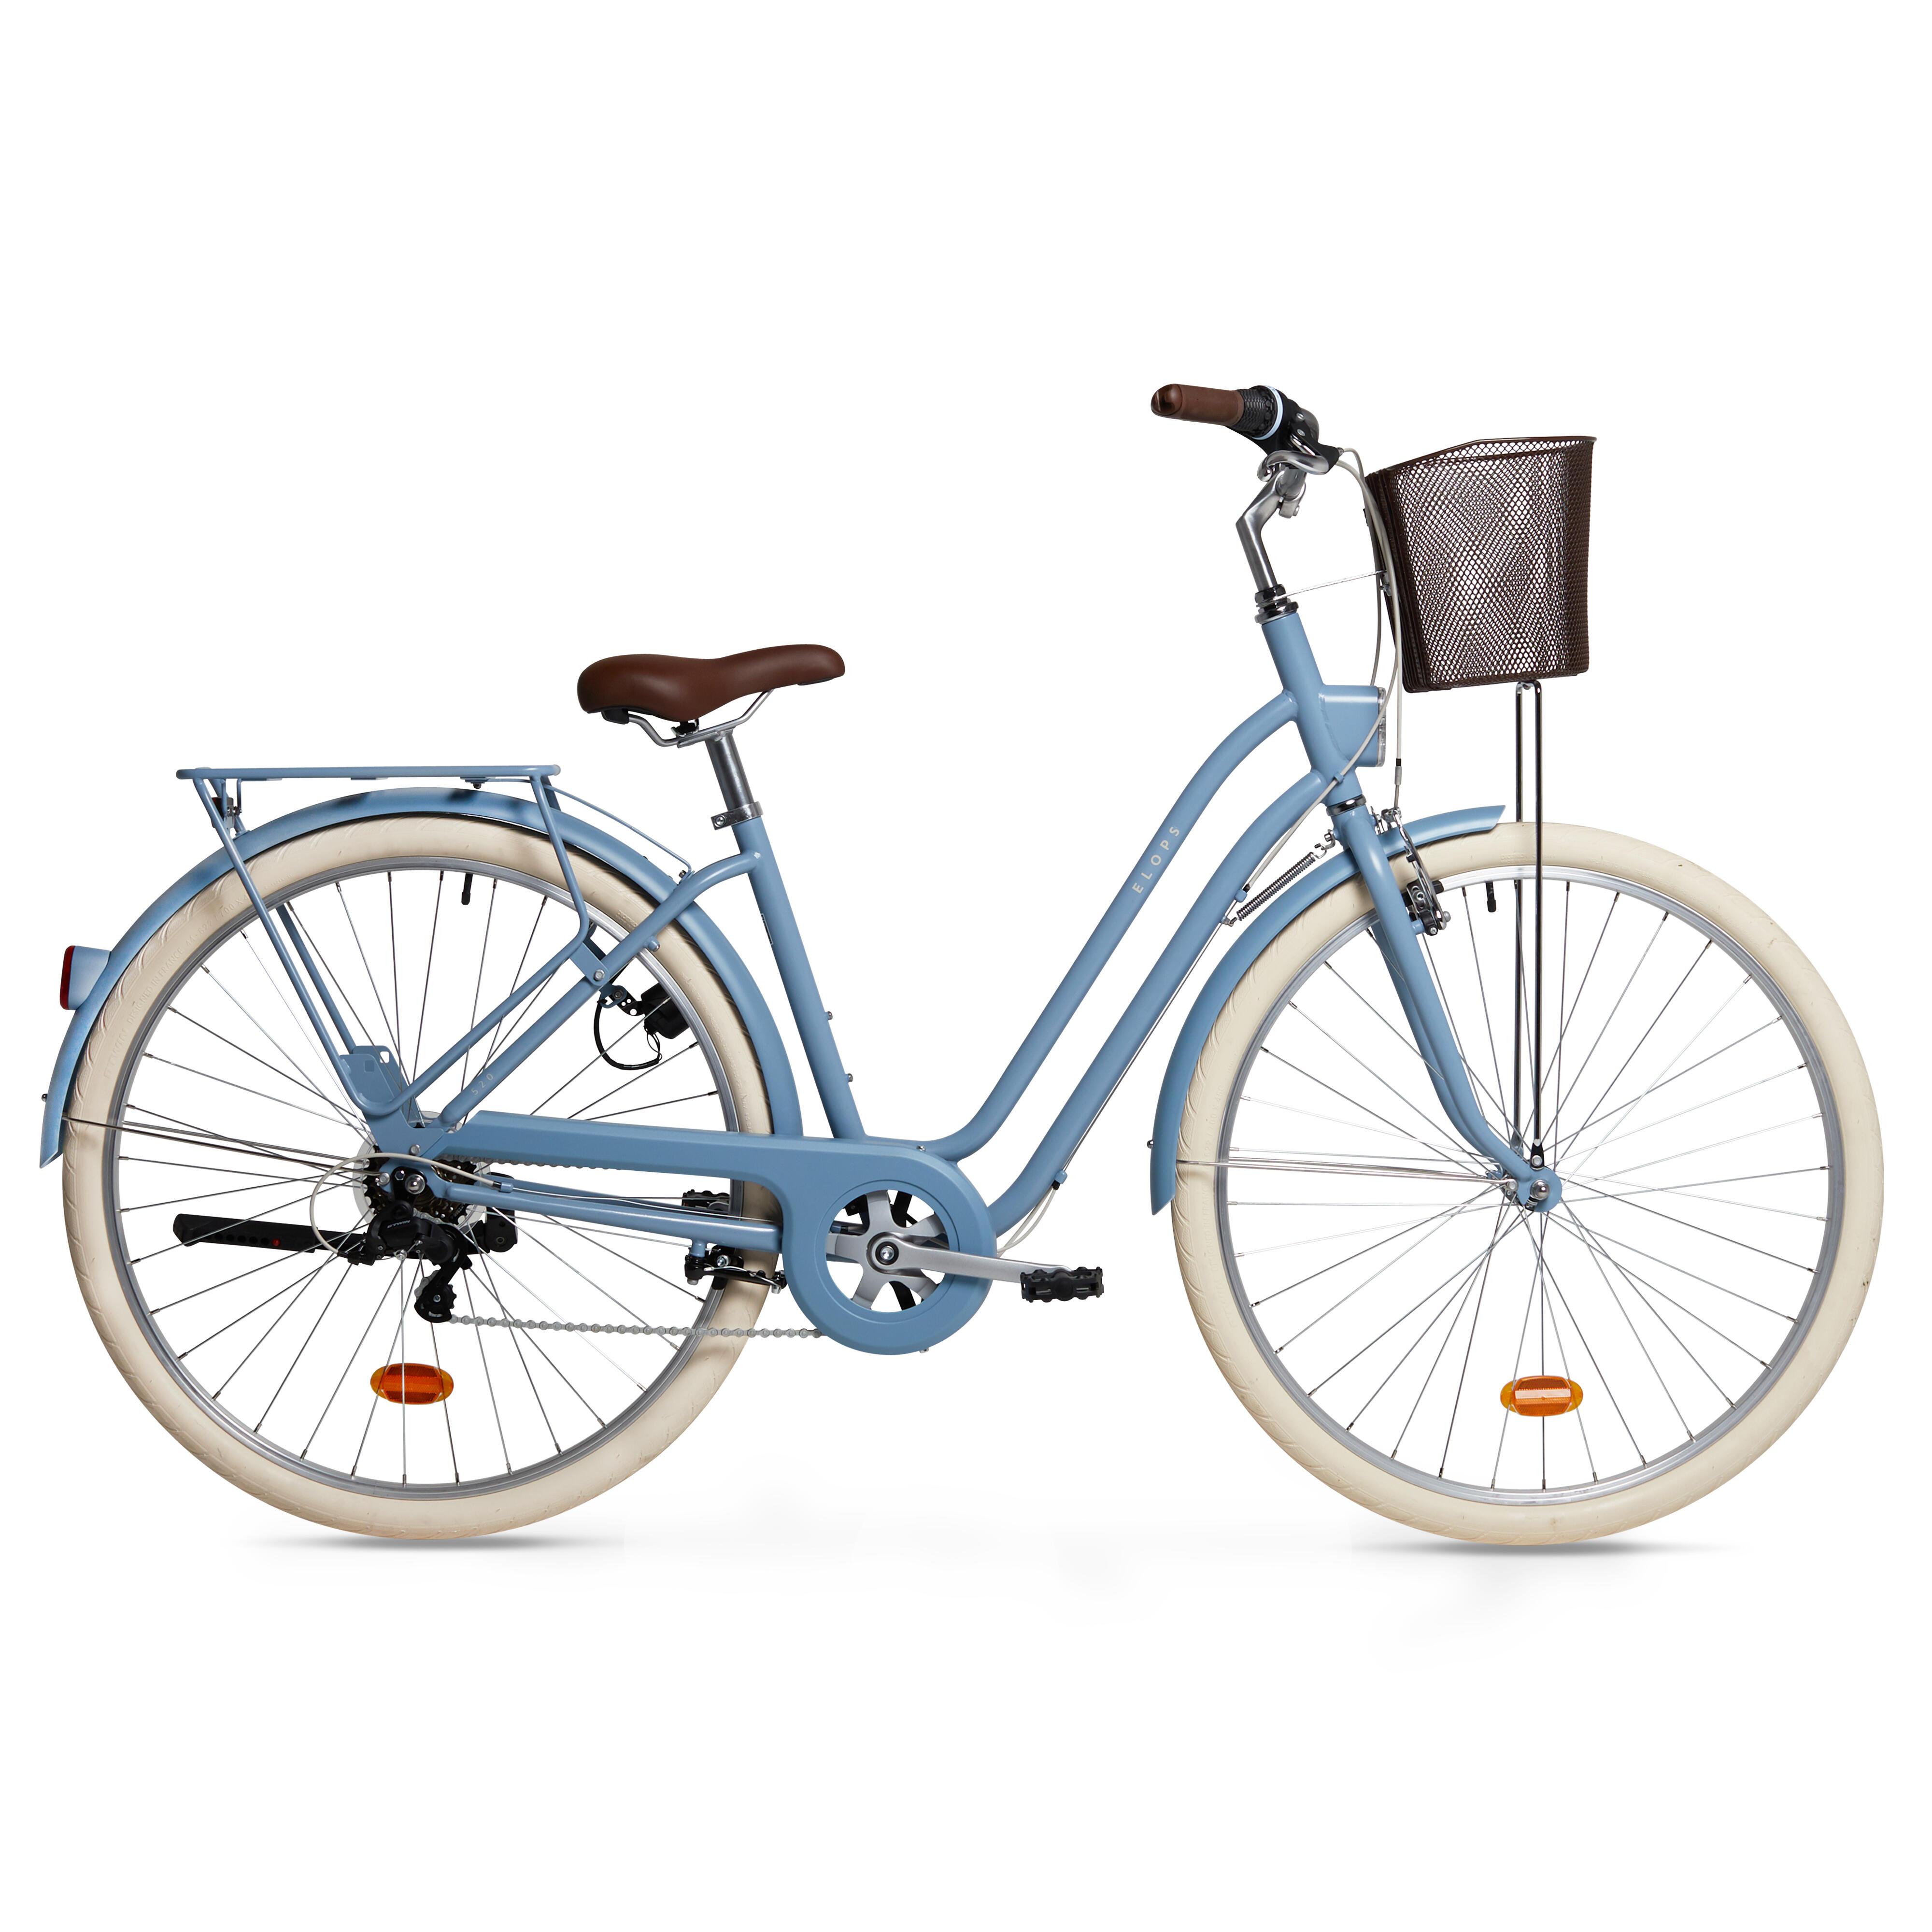 Bicicletă Oraş Elops 520 Gri imagine